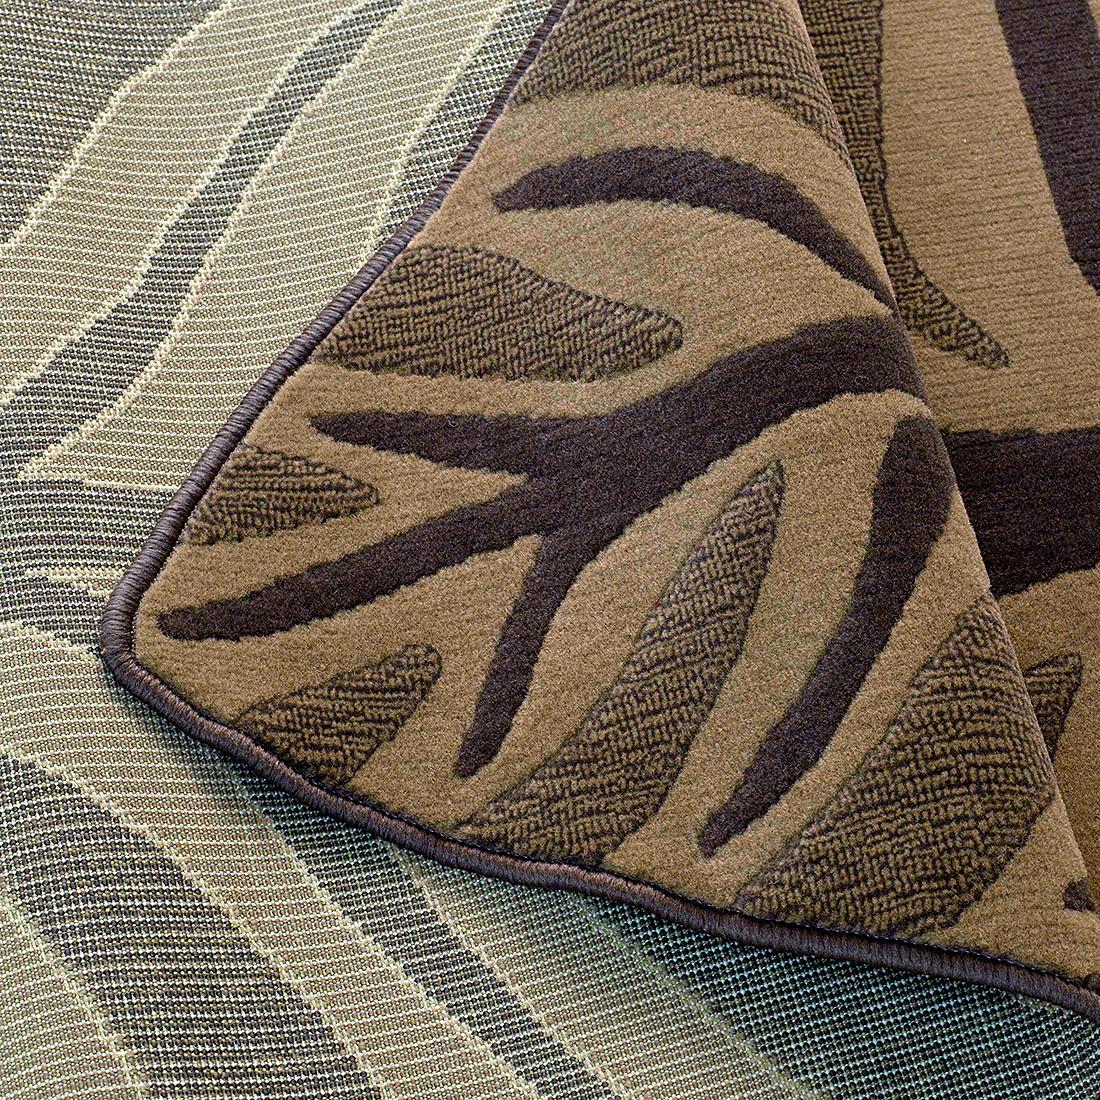 teppich blatt braun 100 x 160 cm wohnzimmer teppiche ebay. Black Bedroom Furniture Sets. Home Design Ideas